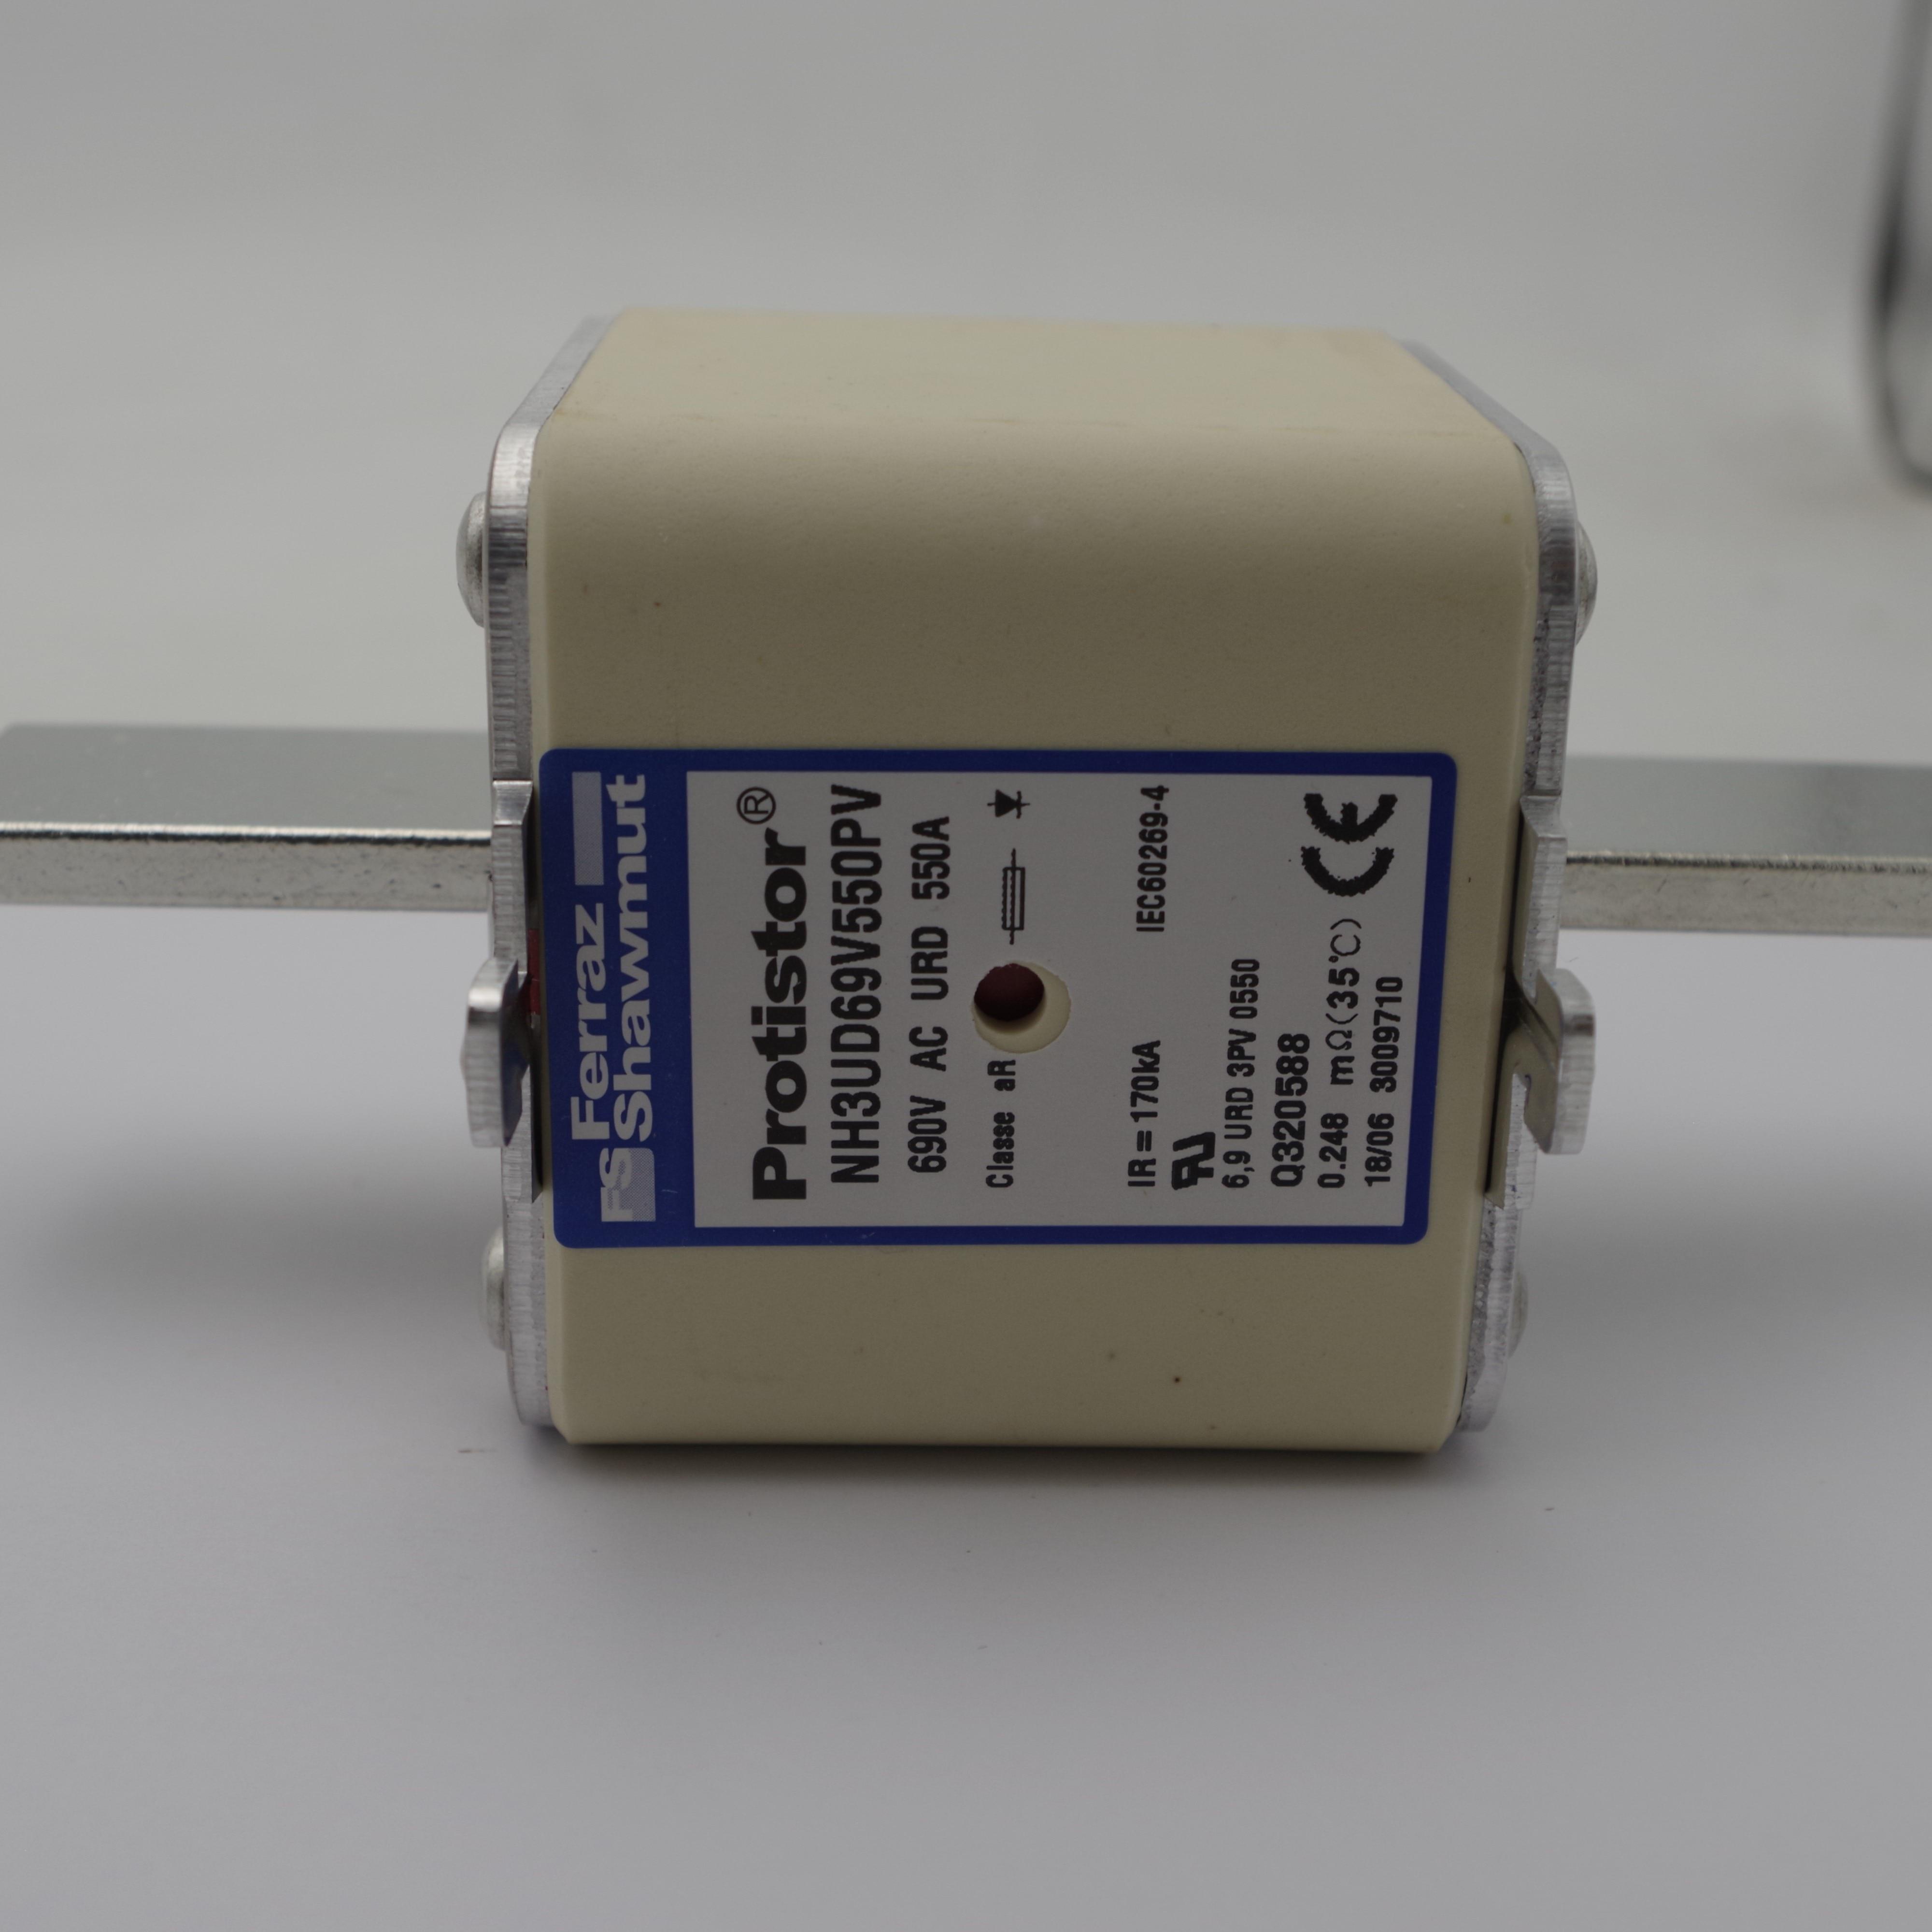 fusivel de ceramica de potencia nh3ud69v550pv 550a 690v relacao do fusivel hrc para